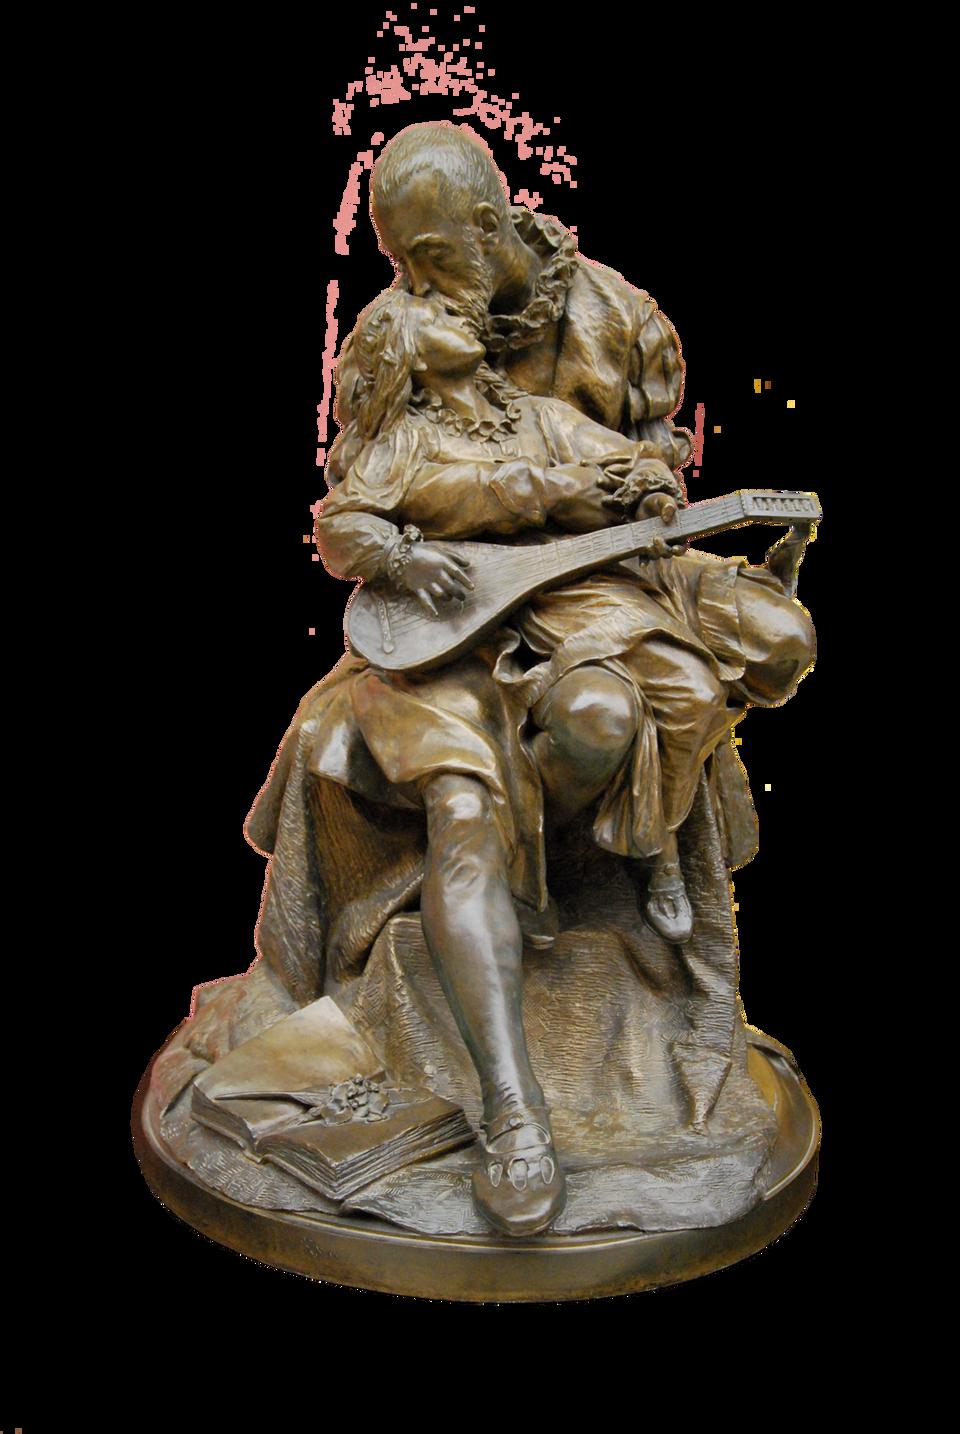 Jan Kochanowski zUrszulką Źródło: Zygmunt Trembecki (1847–1922; polski rzeźbiarz), Jan Kochanowski zUrszulką, 1878, Galeria Sztuki Polskiej XIX wieku wSukiennicach, Kraków, domena publiczna.